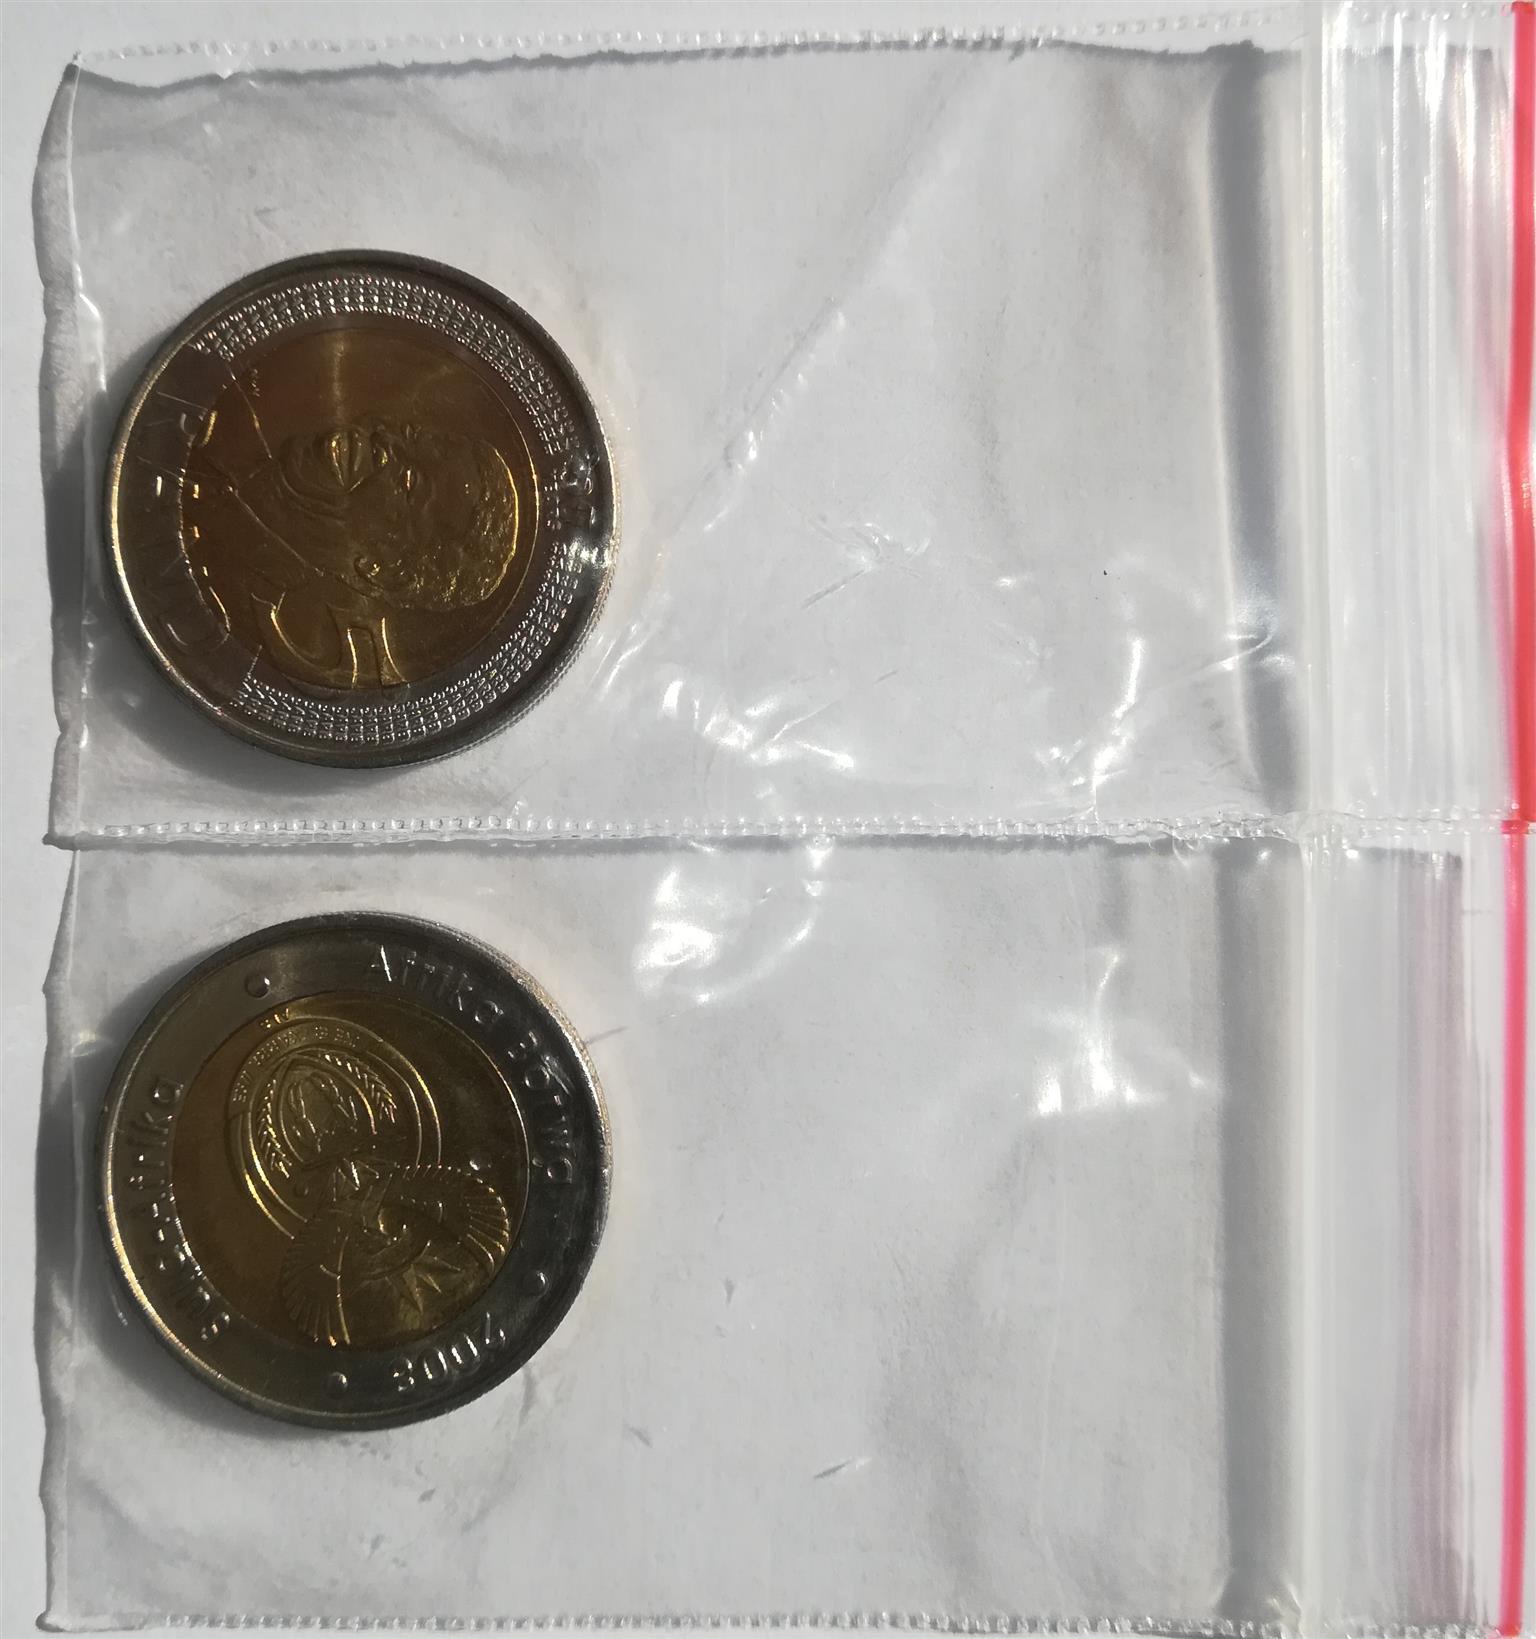 Madiba R5 coin